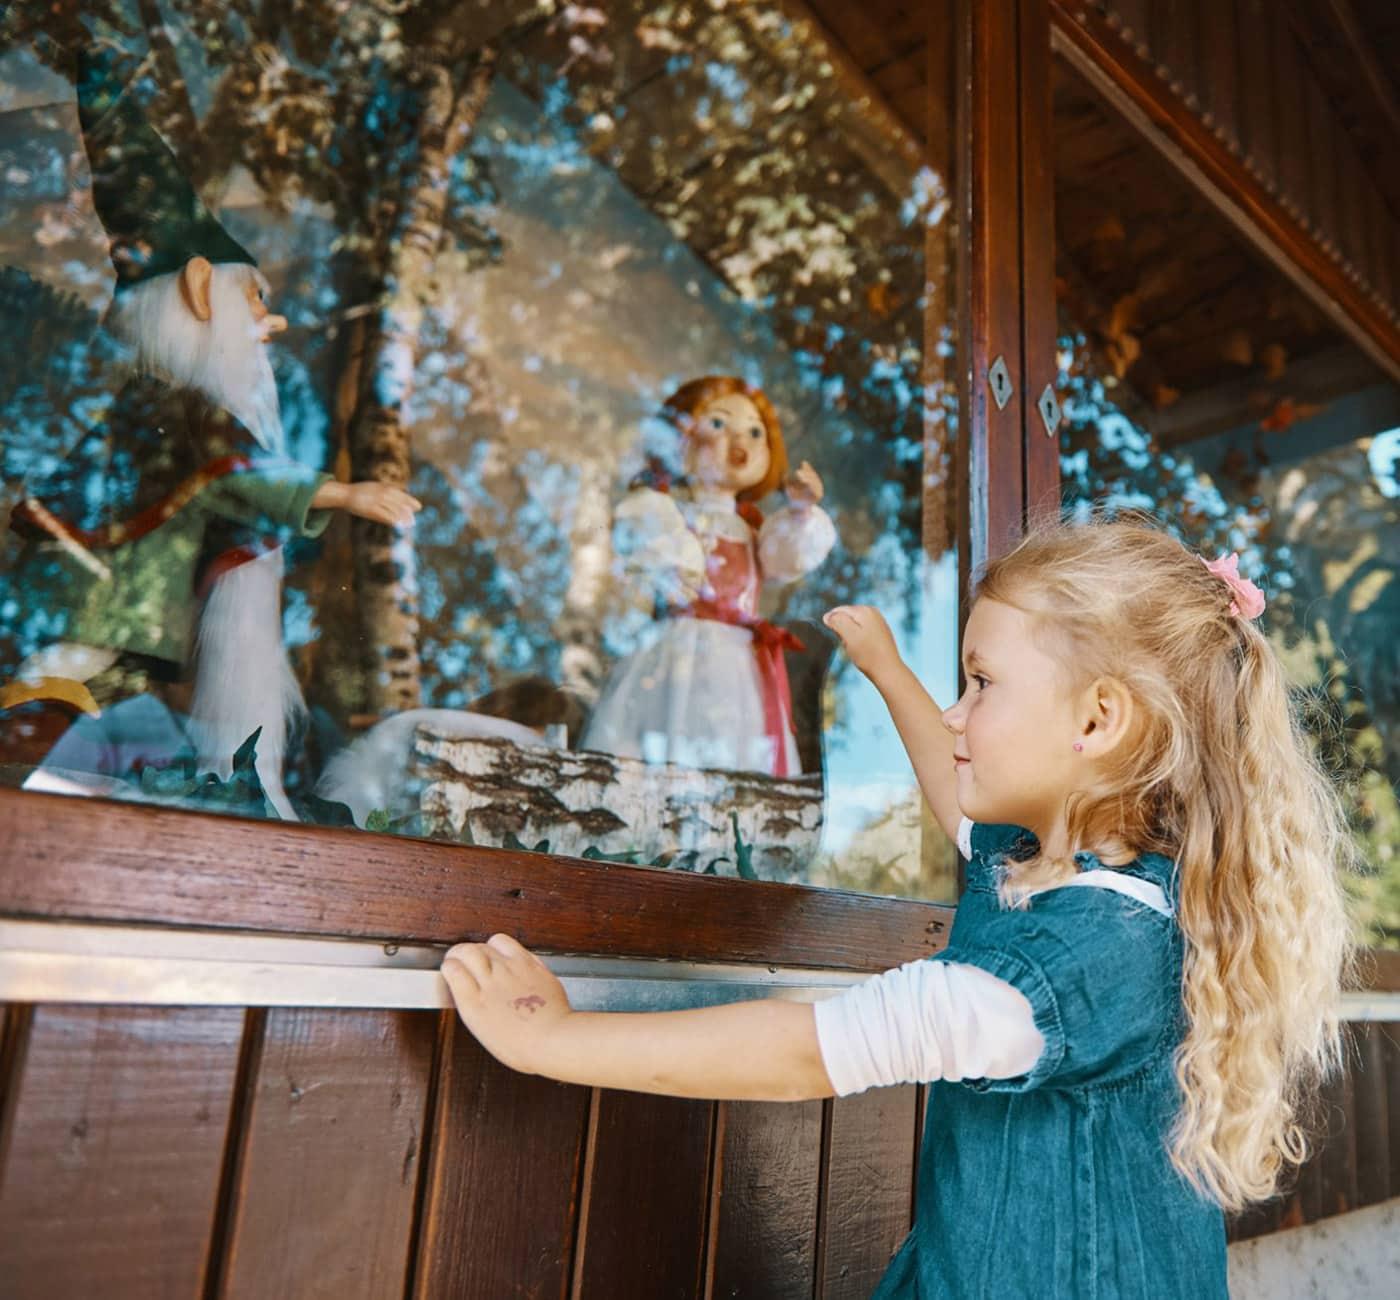 Märchenwelten erleben mit kleinen Kindern: Märchenerlebnispark im Chiemgau // HIMBEER